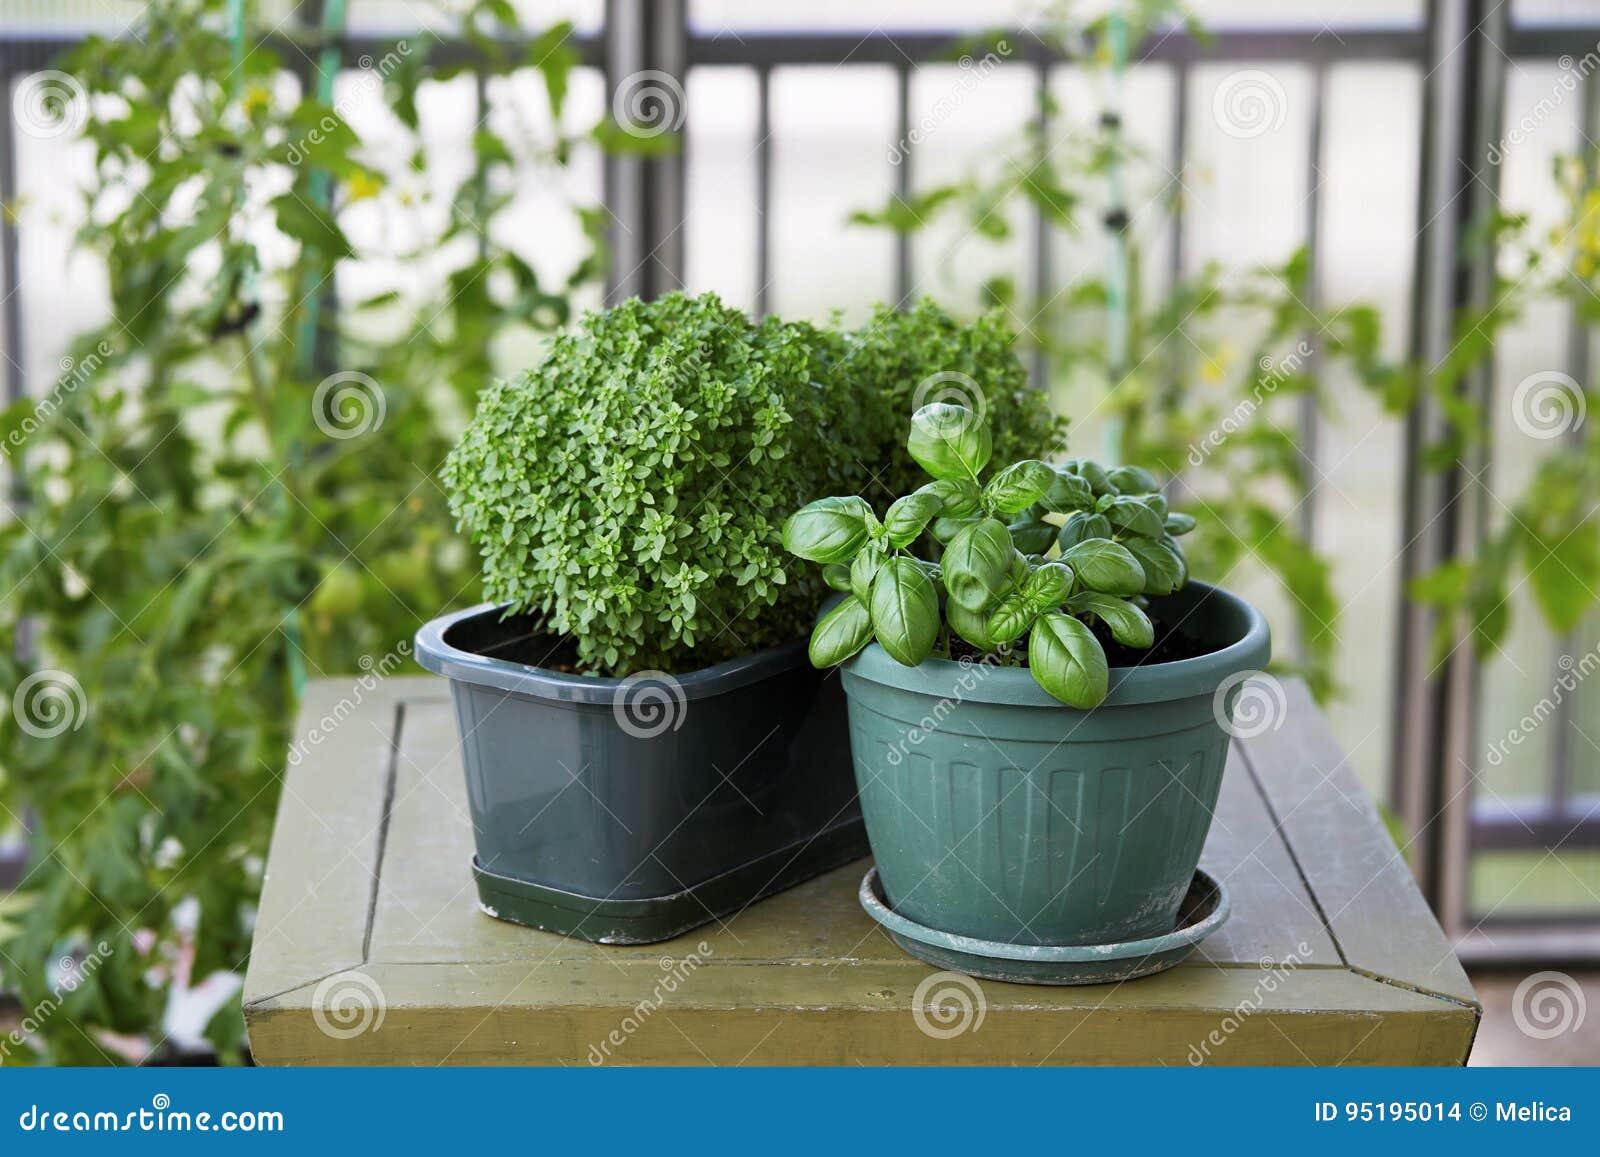 Basilikumkrautanlage, die in einem Topf wächst